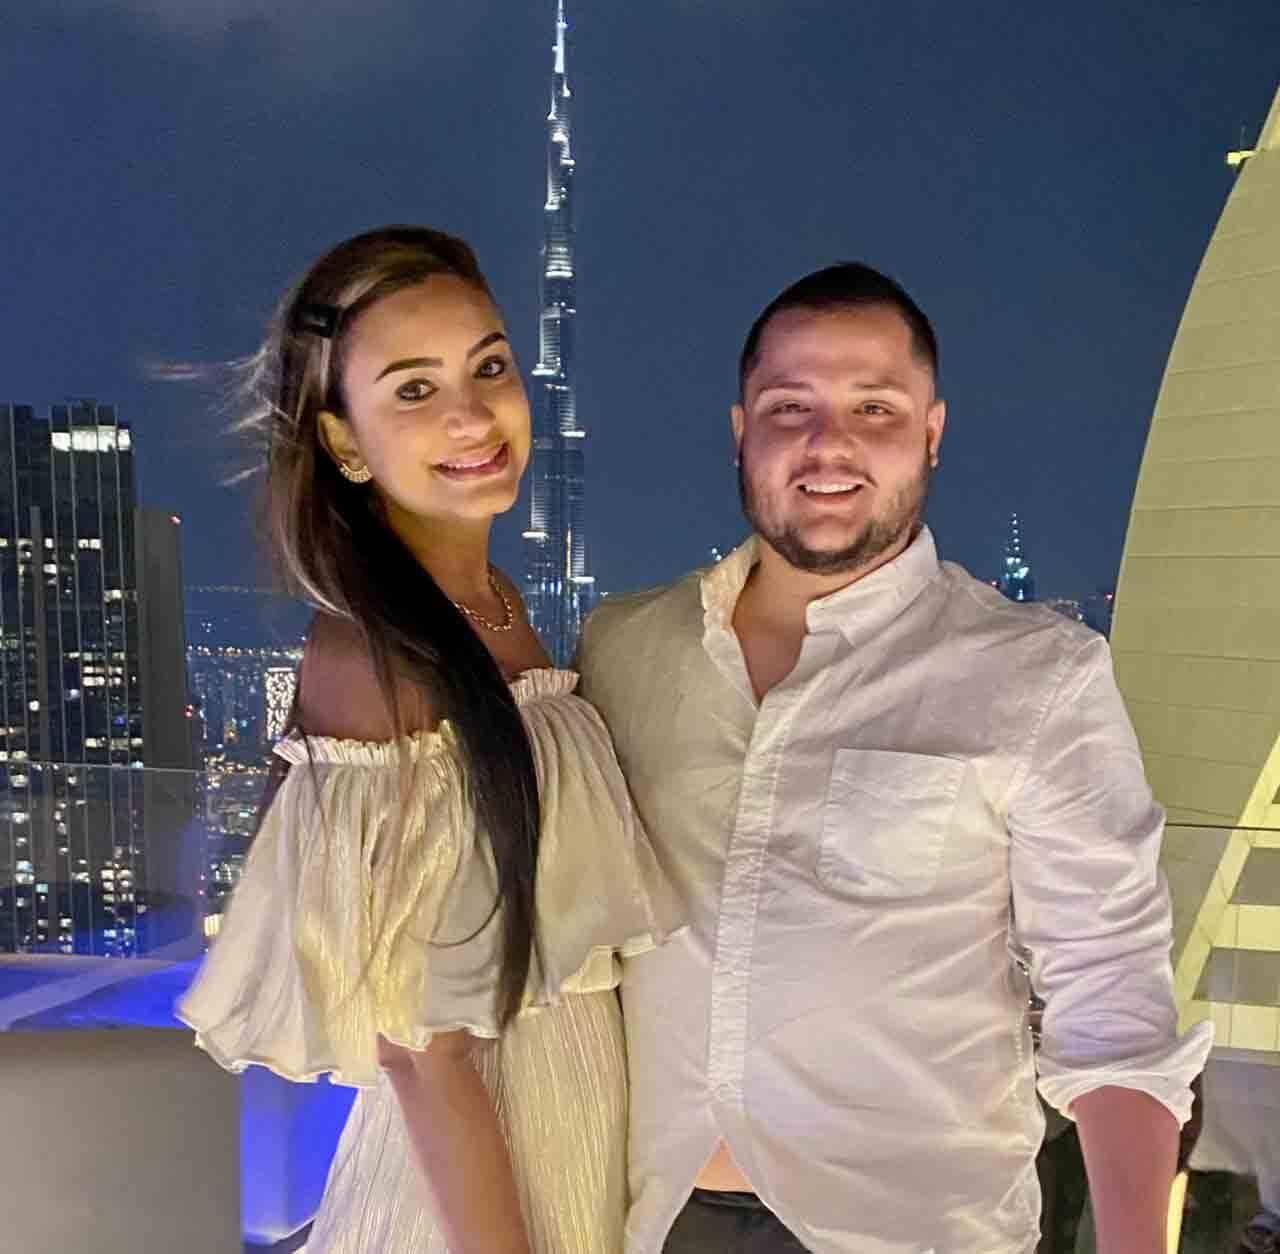 Diversão e trabalho! Yohanna Oliveira conta detalhes de sua última viagem pra Dubai. Foto: Divulgação